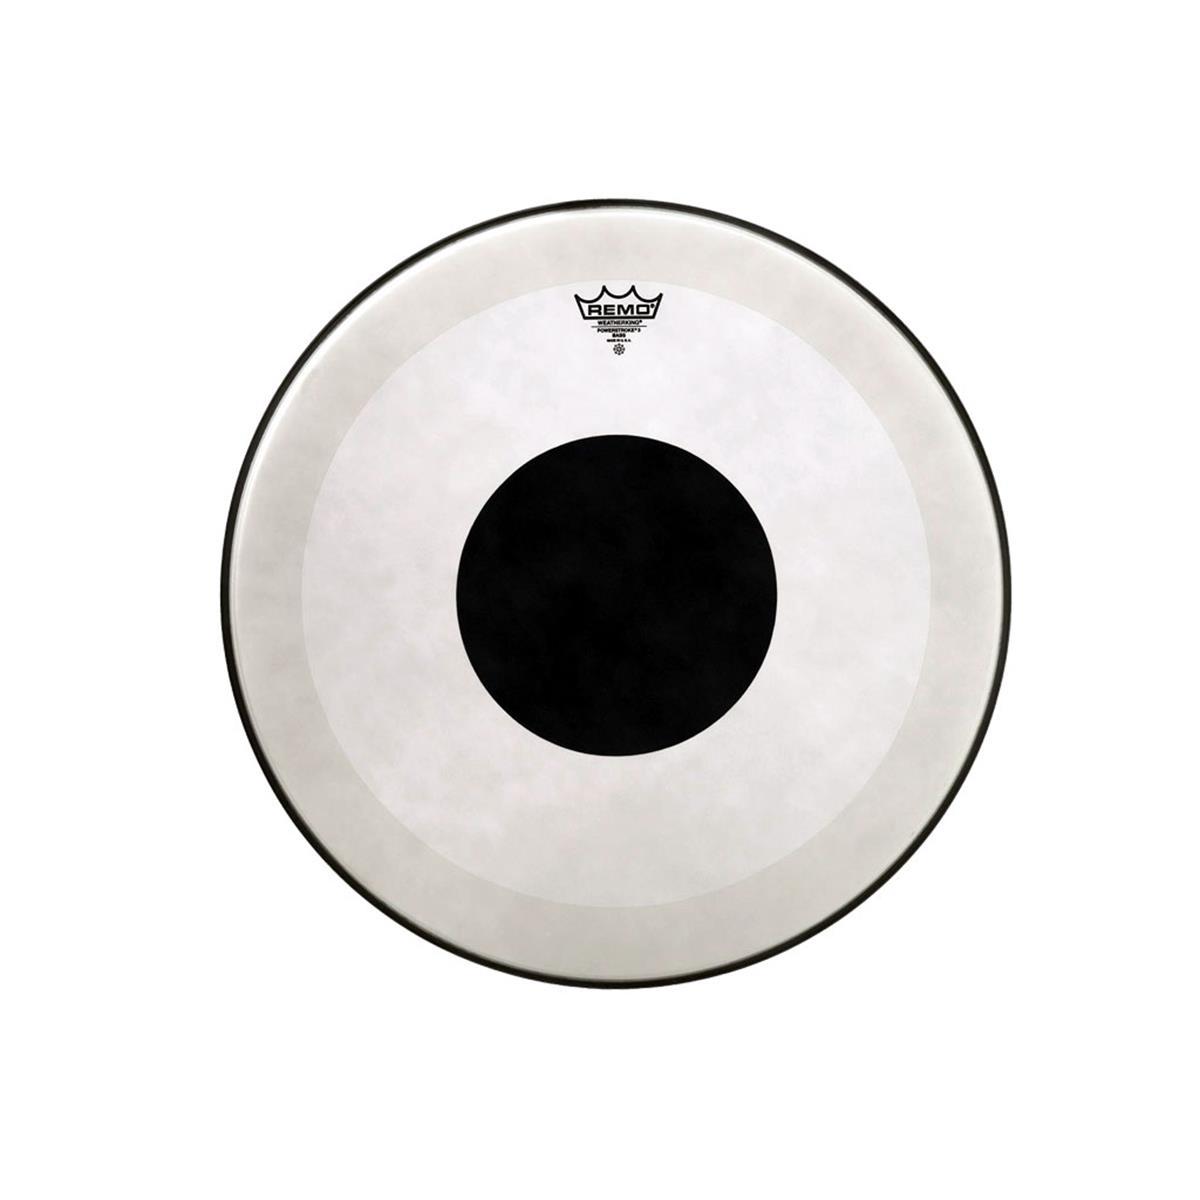 REMO POWESTROKE 3 TRASPARENTE DOT BLACK PER CASSA 18 - Batterie / Percussioni Accessori - Pelli e Cerchi